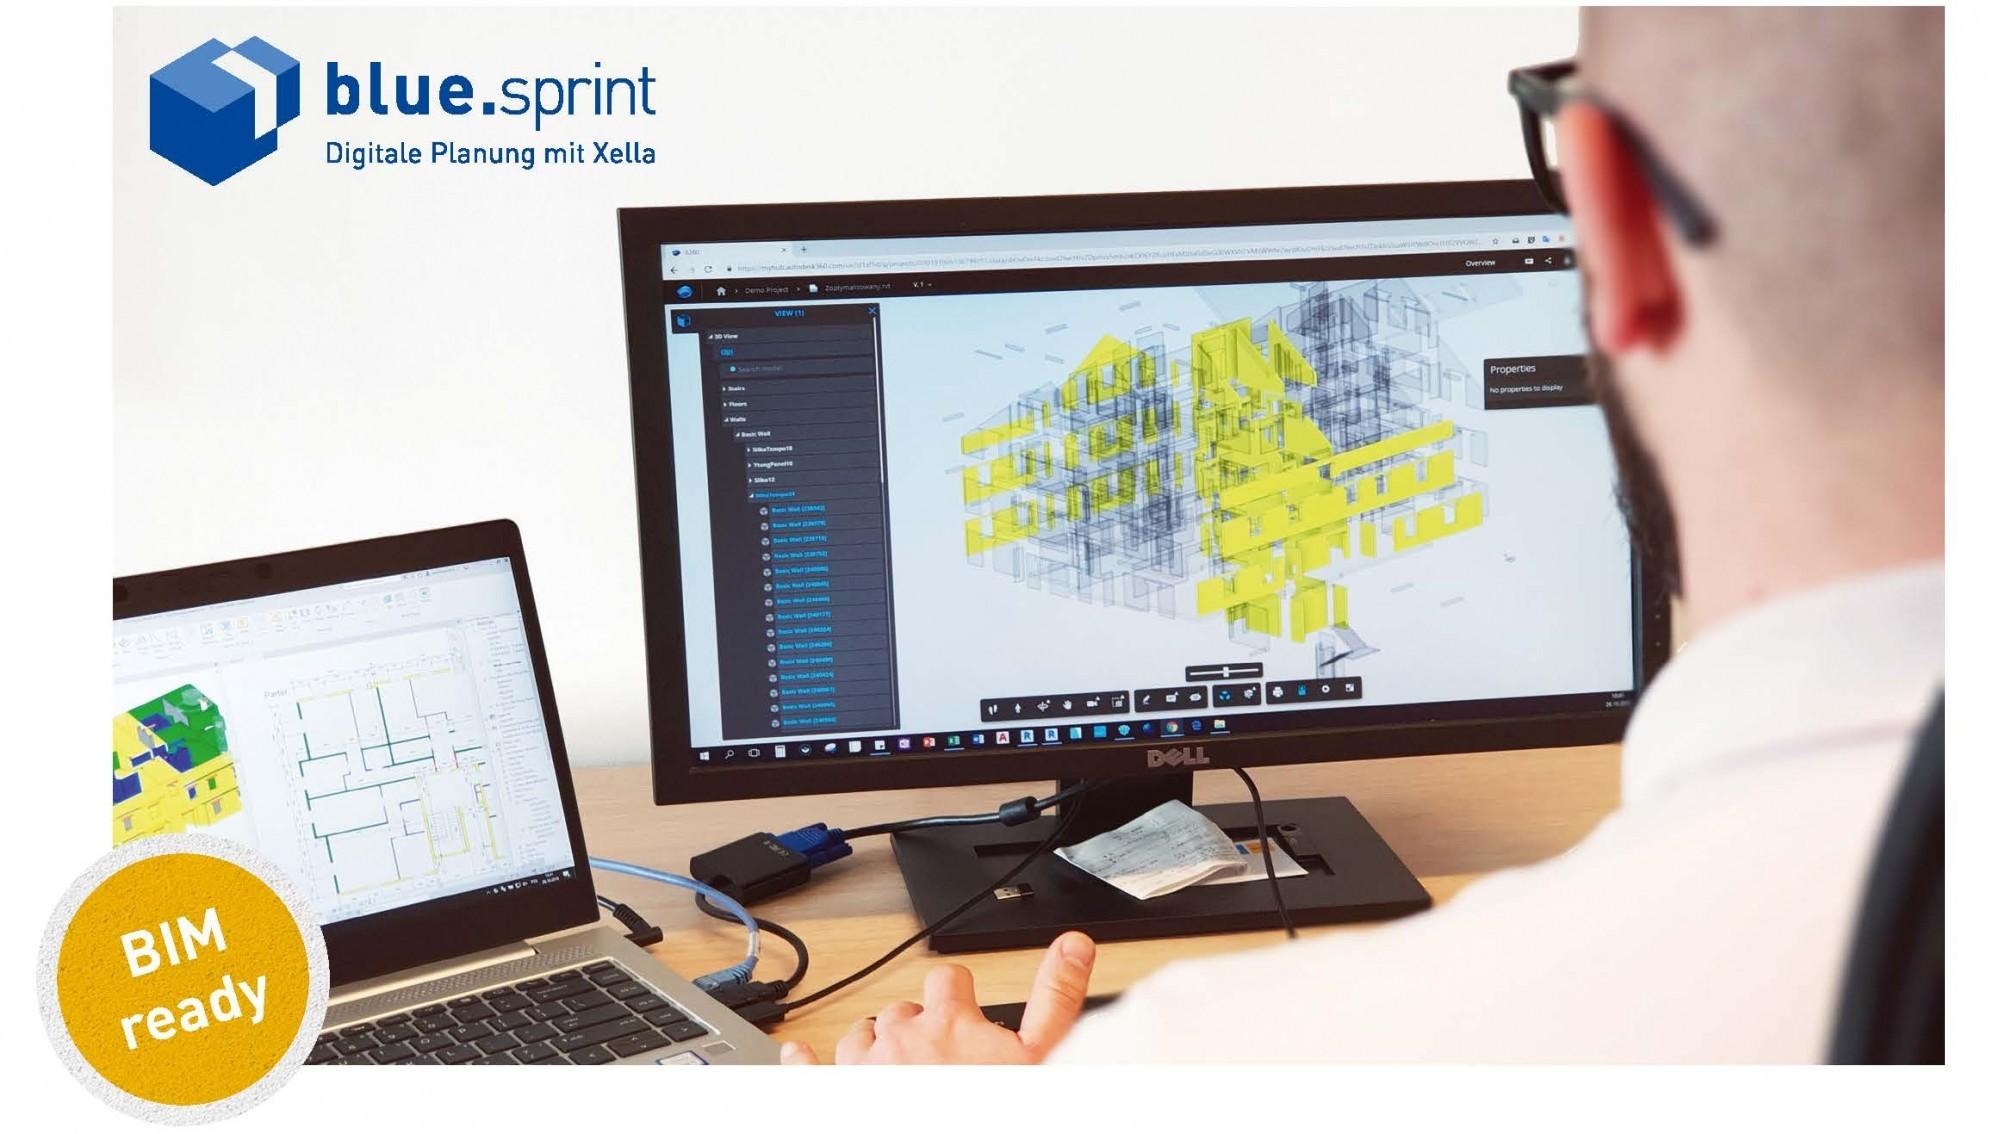 Projektoptimierung mit blue.sprint von Xella